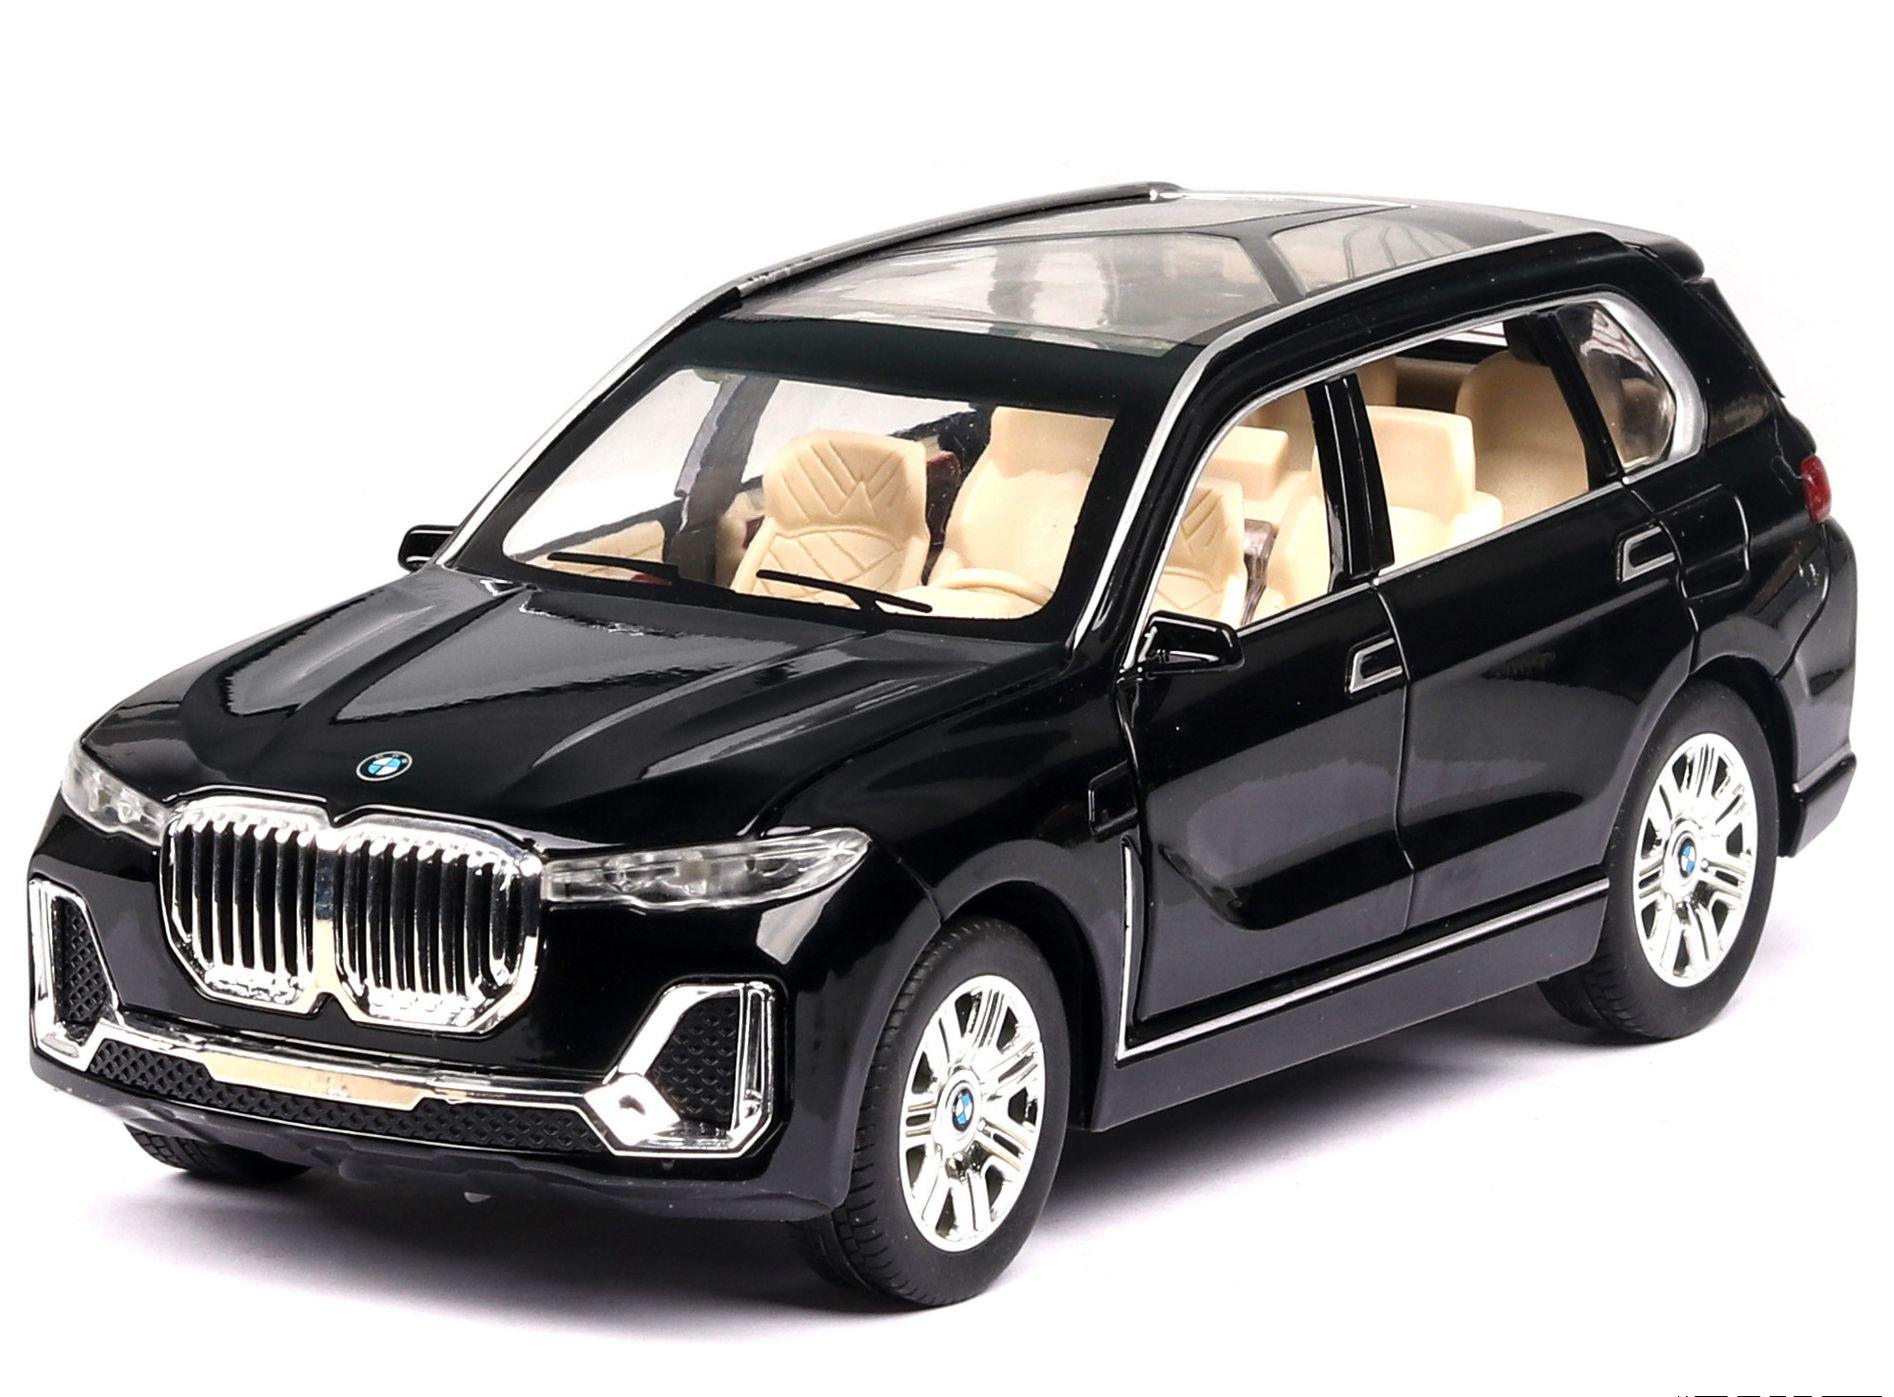 1:24 модель автомобиля X7 Модель Детская игрушка сплав модель автомобиля звук и светильник открываются двери Рождественский подарок детские